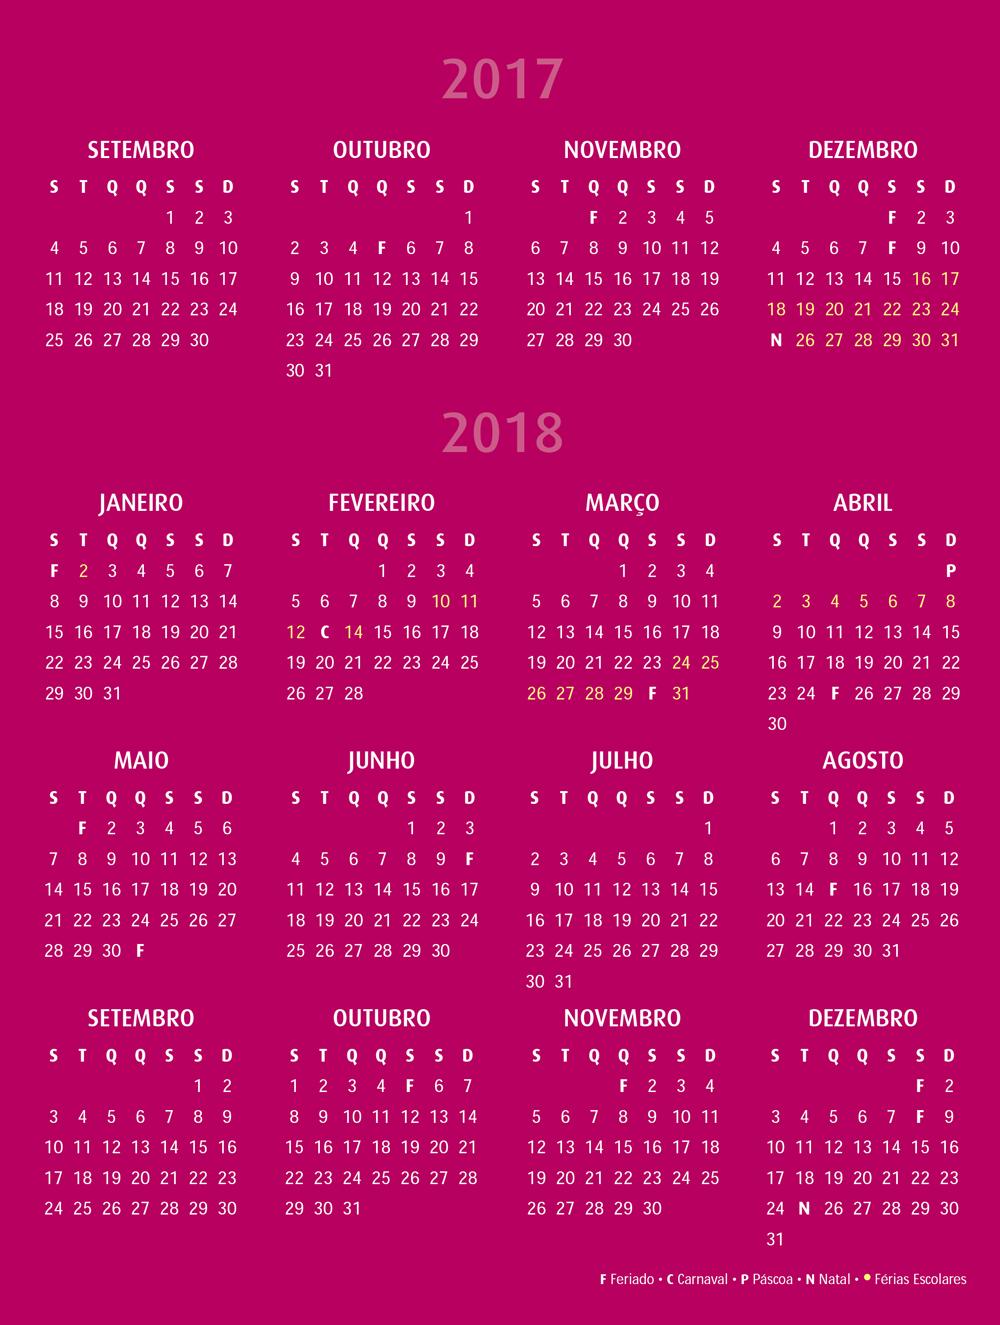 Calendário Escolar 2017 2018 | PLV Escolas